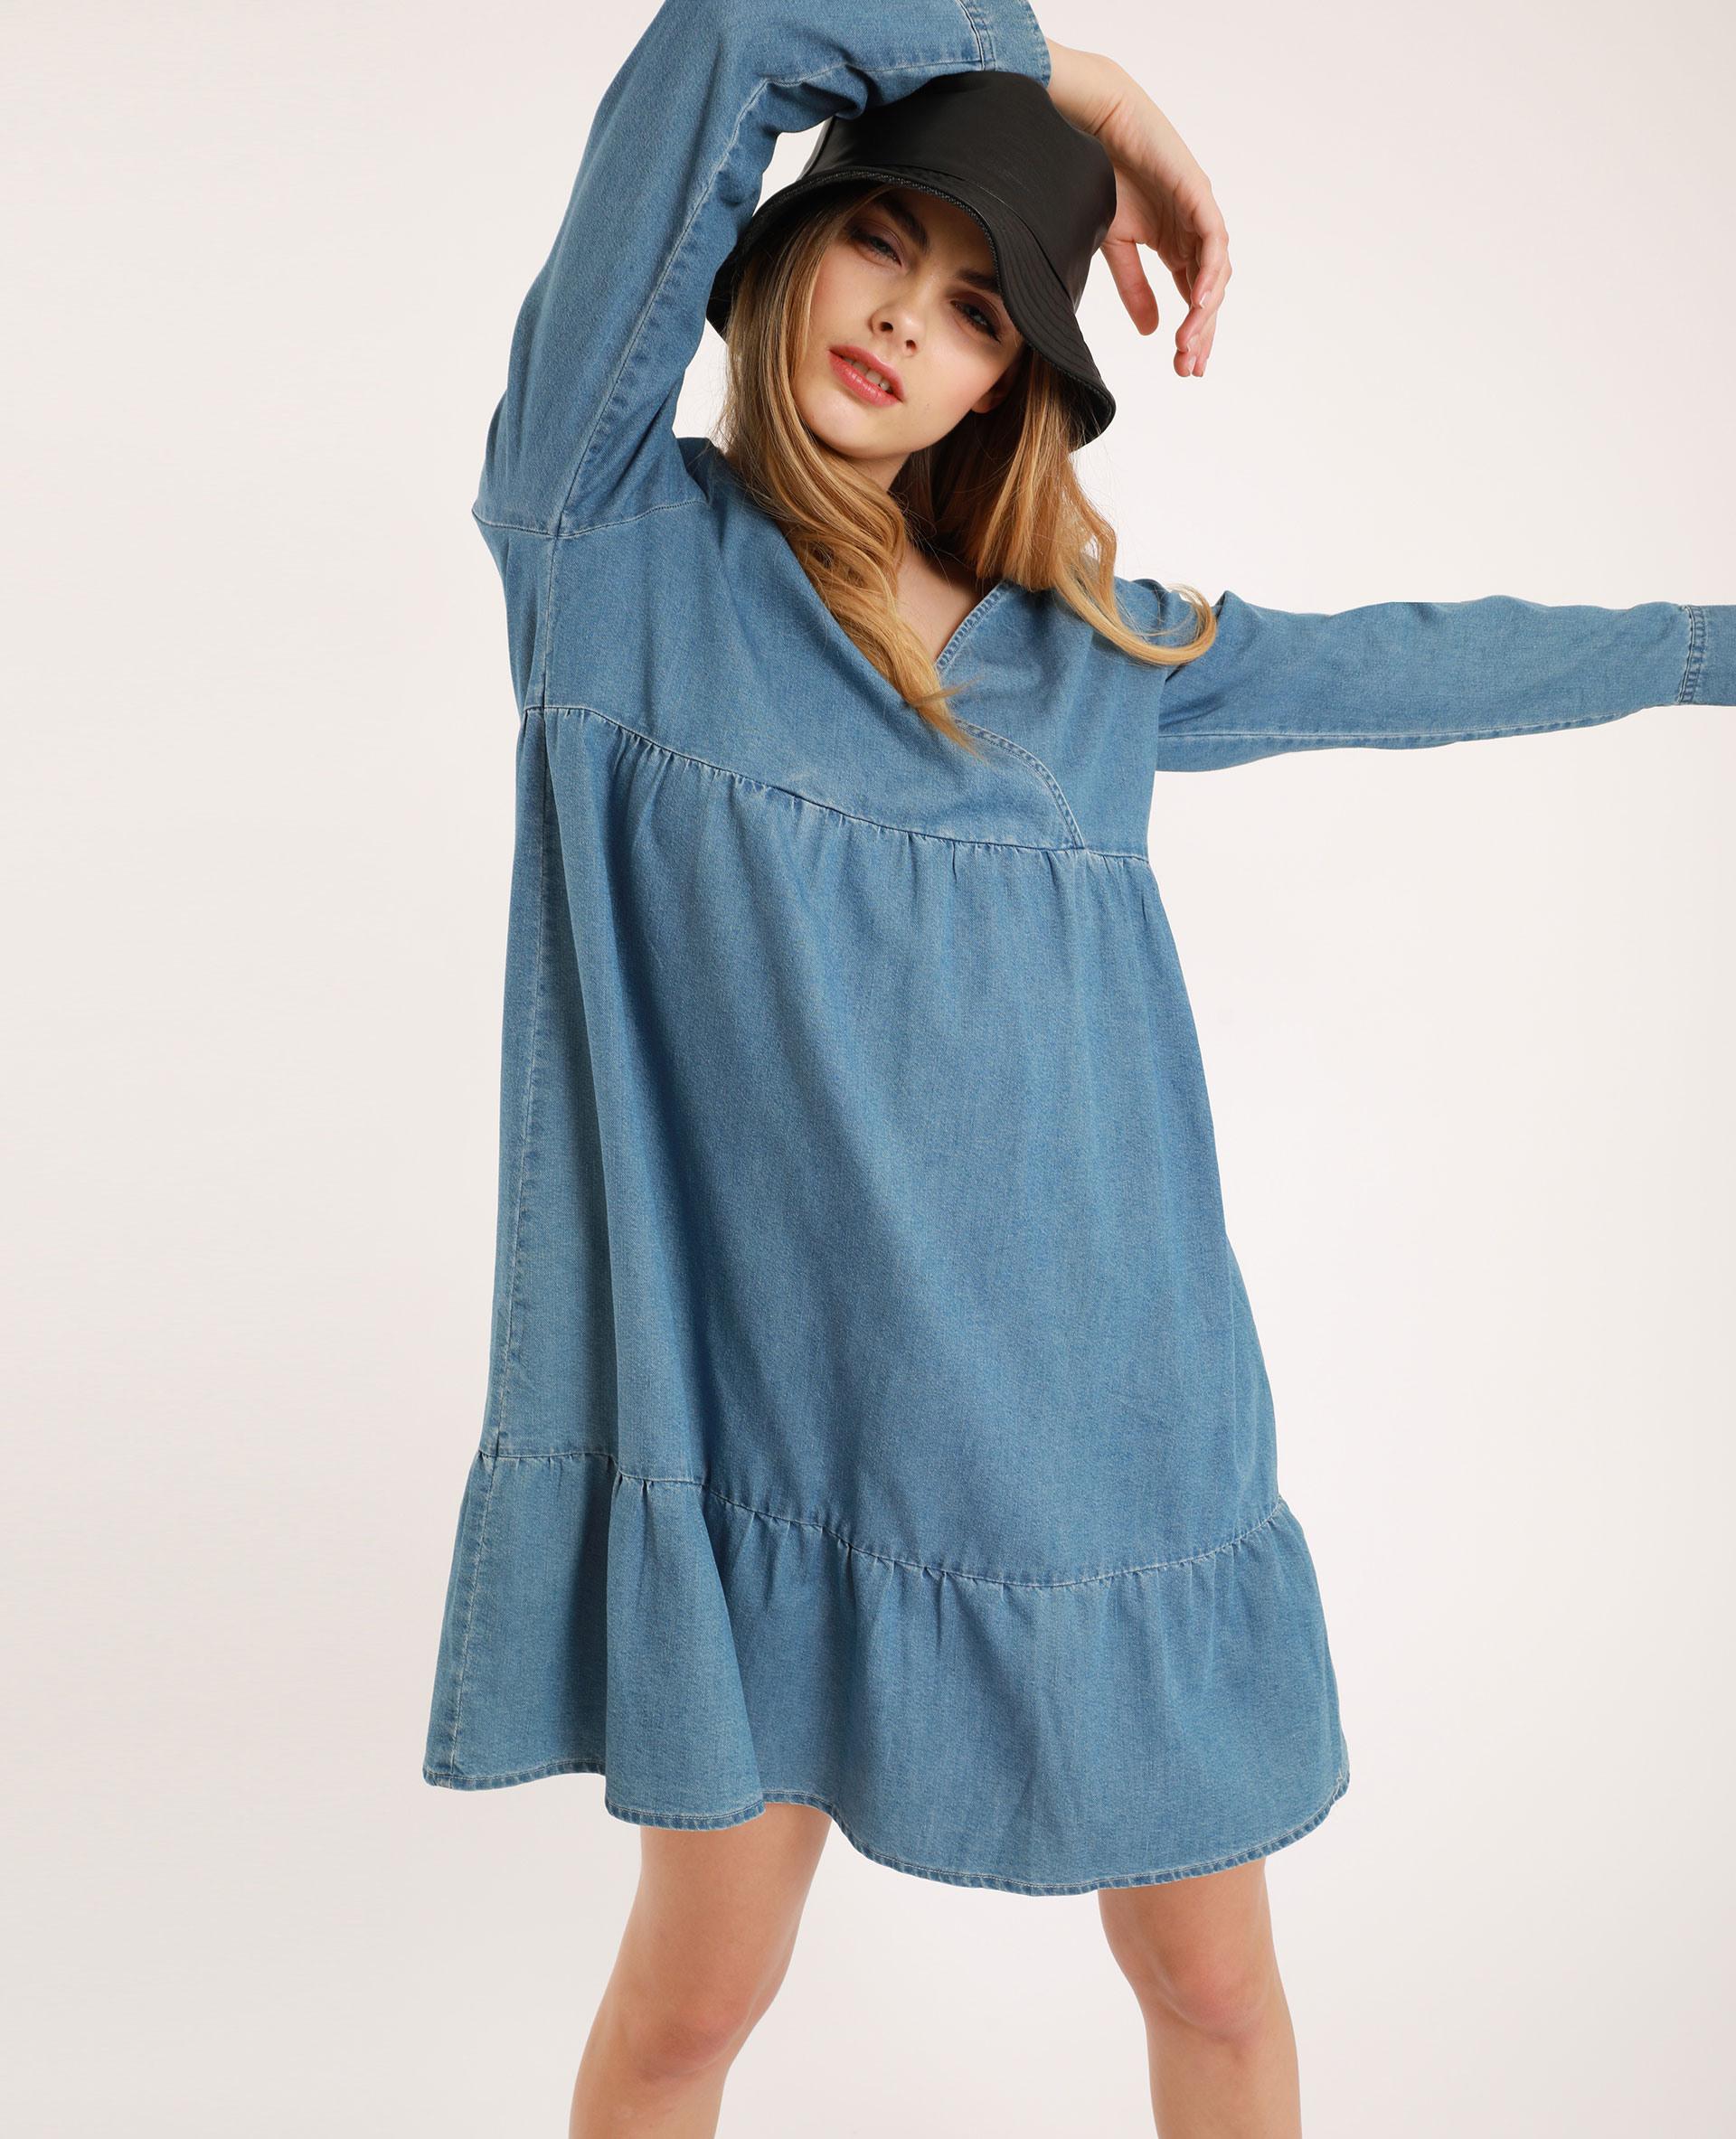 Kleid Mit Vausschnitt Blau 20  781387608A06  Pimkie